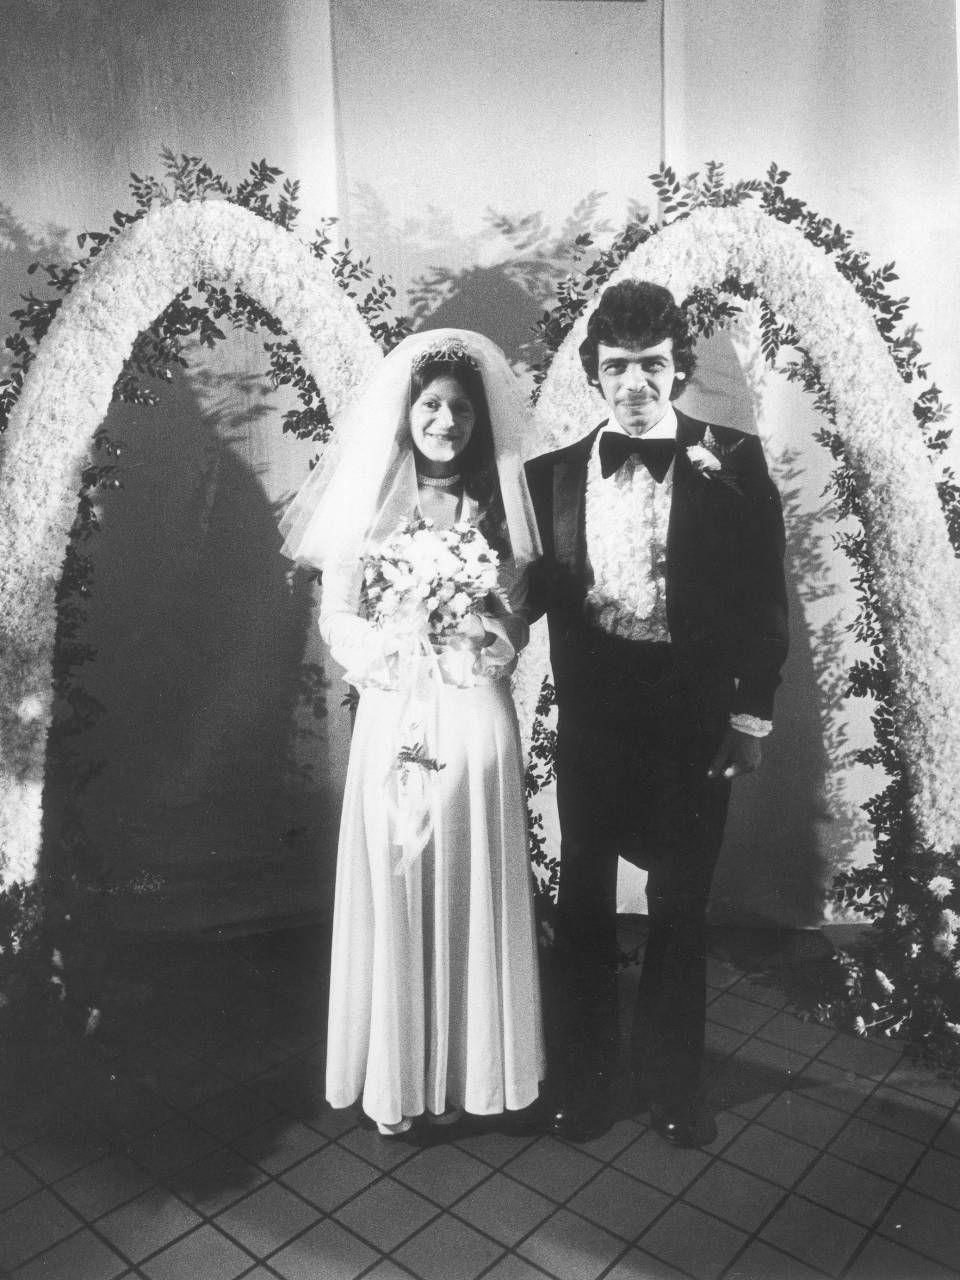 Wedding in boston mcdonaldus in mcnificent uni uit aint